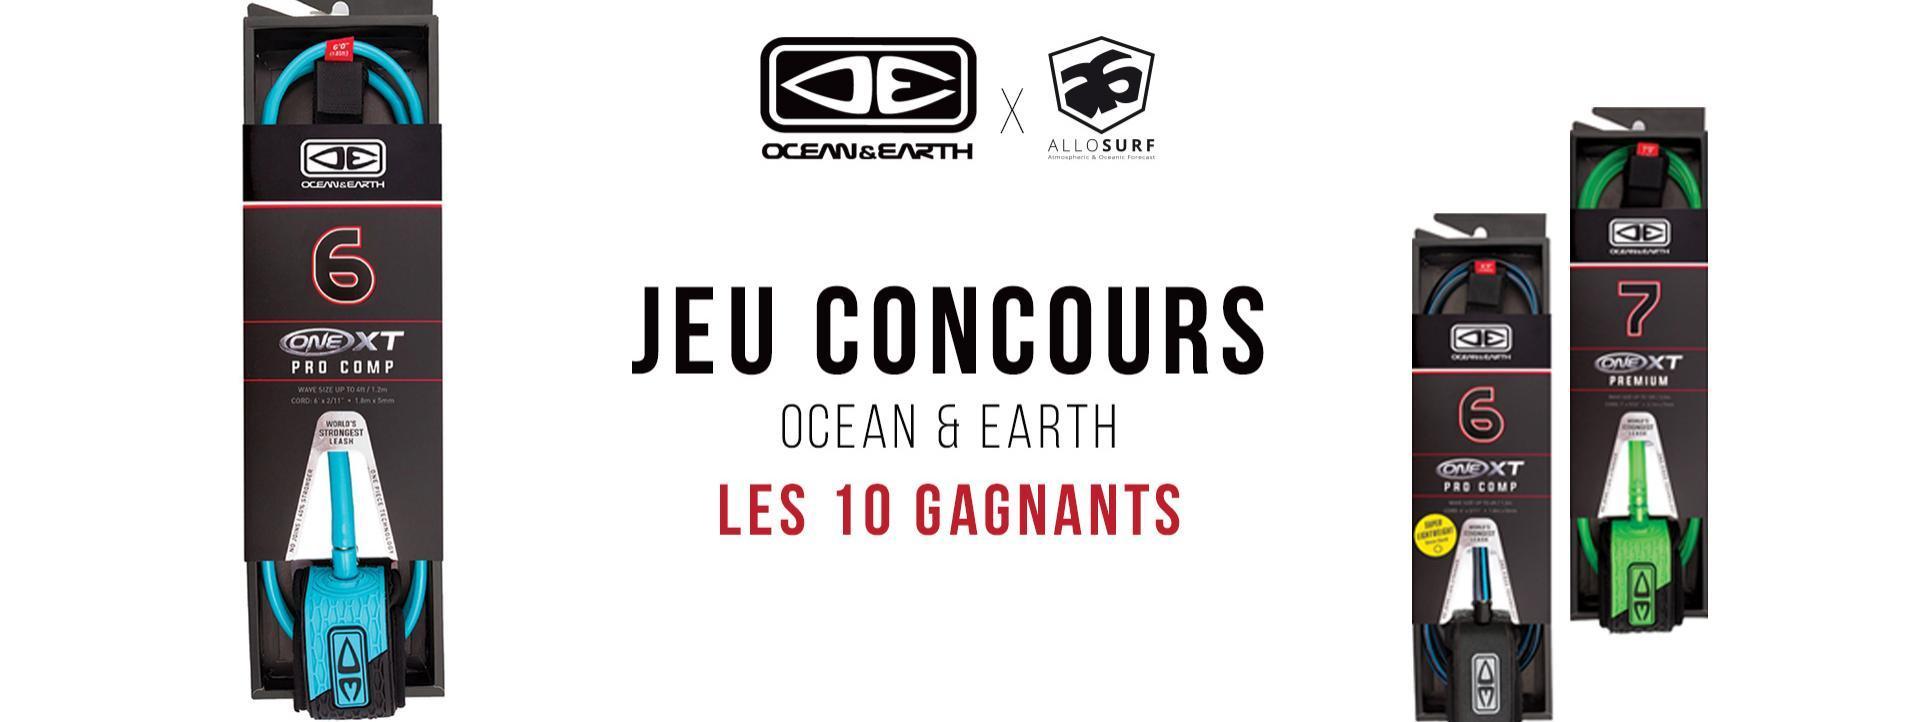 Jeu Concours Jeu Concours Ocean & Earth : les gagnants !